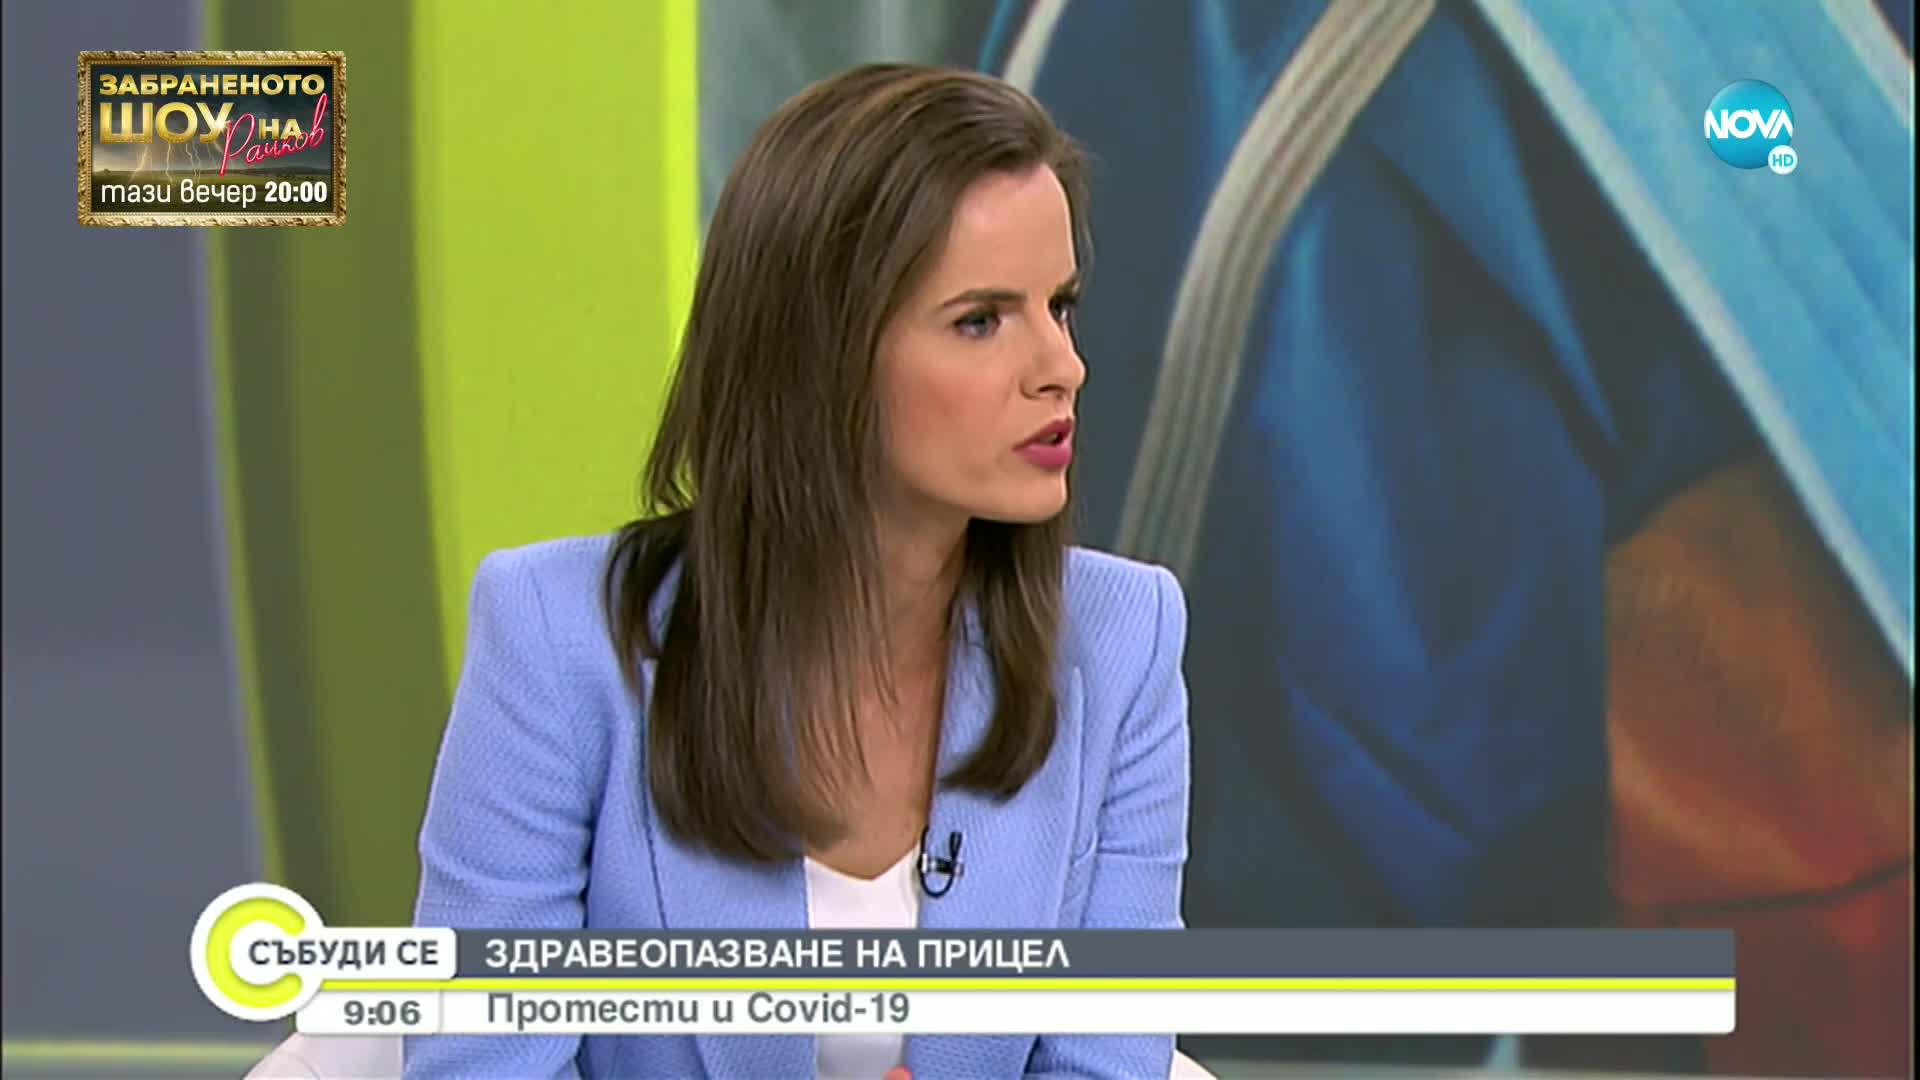 Кацаров за нарушителите на мерките: Трябва да ги заведем в COVID отделение, за да видят интубираните